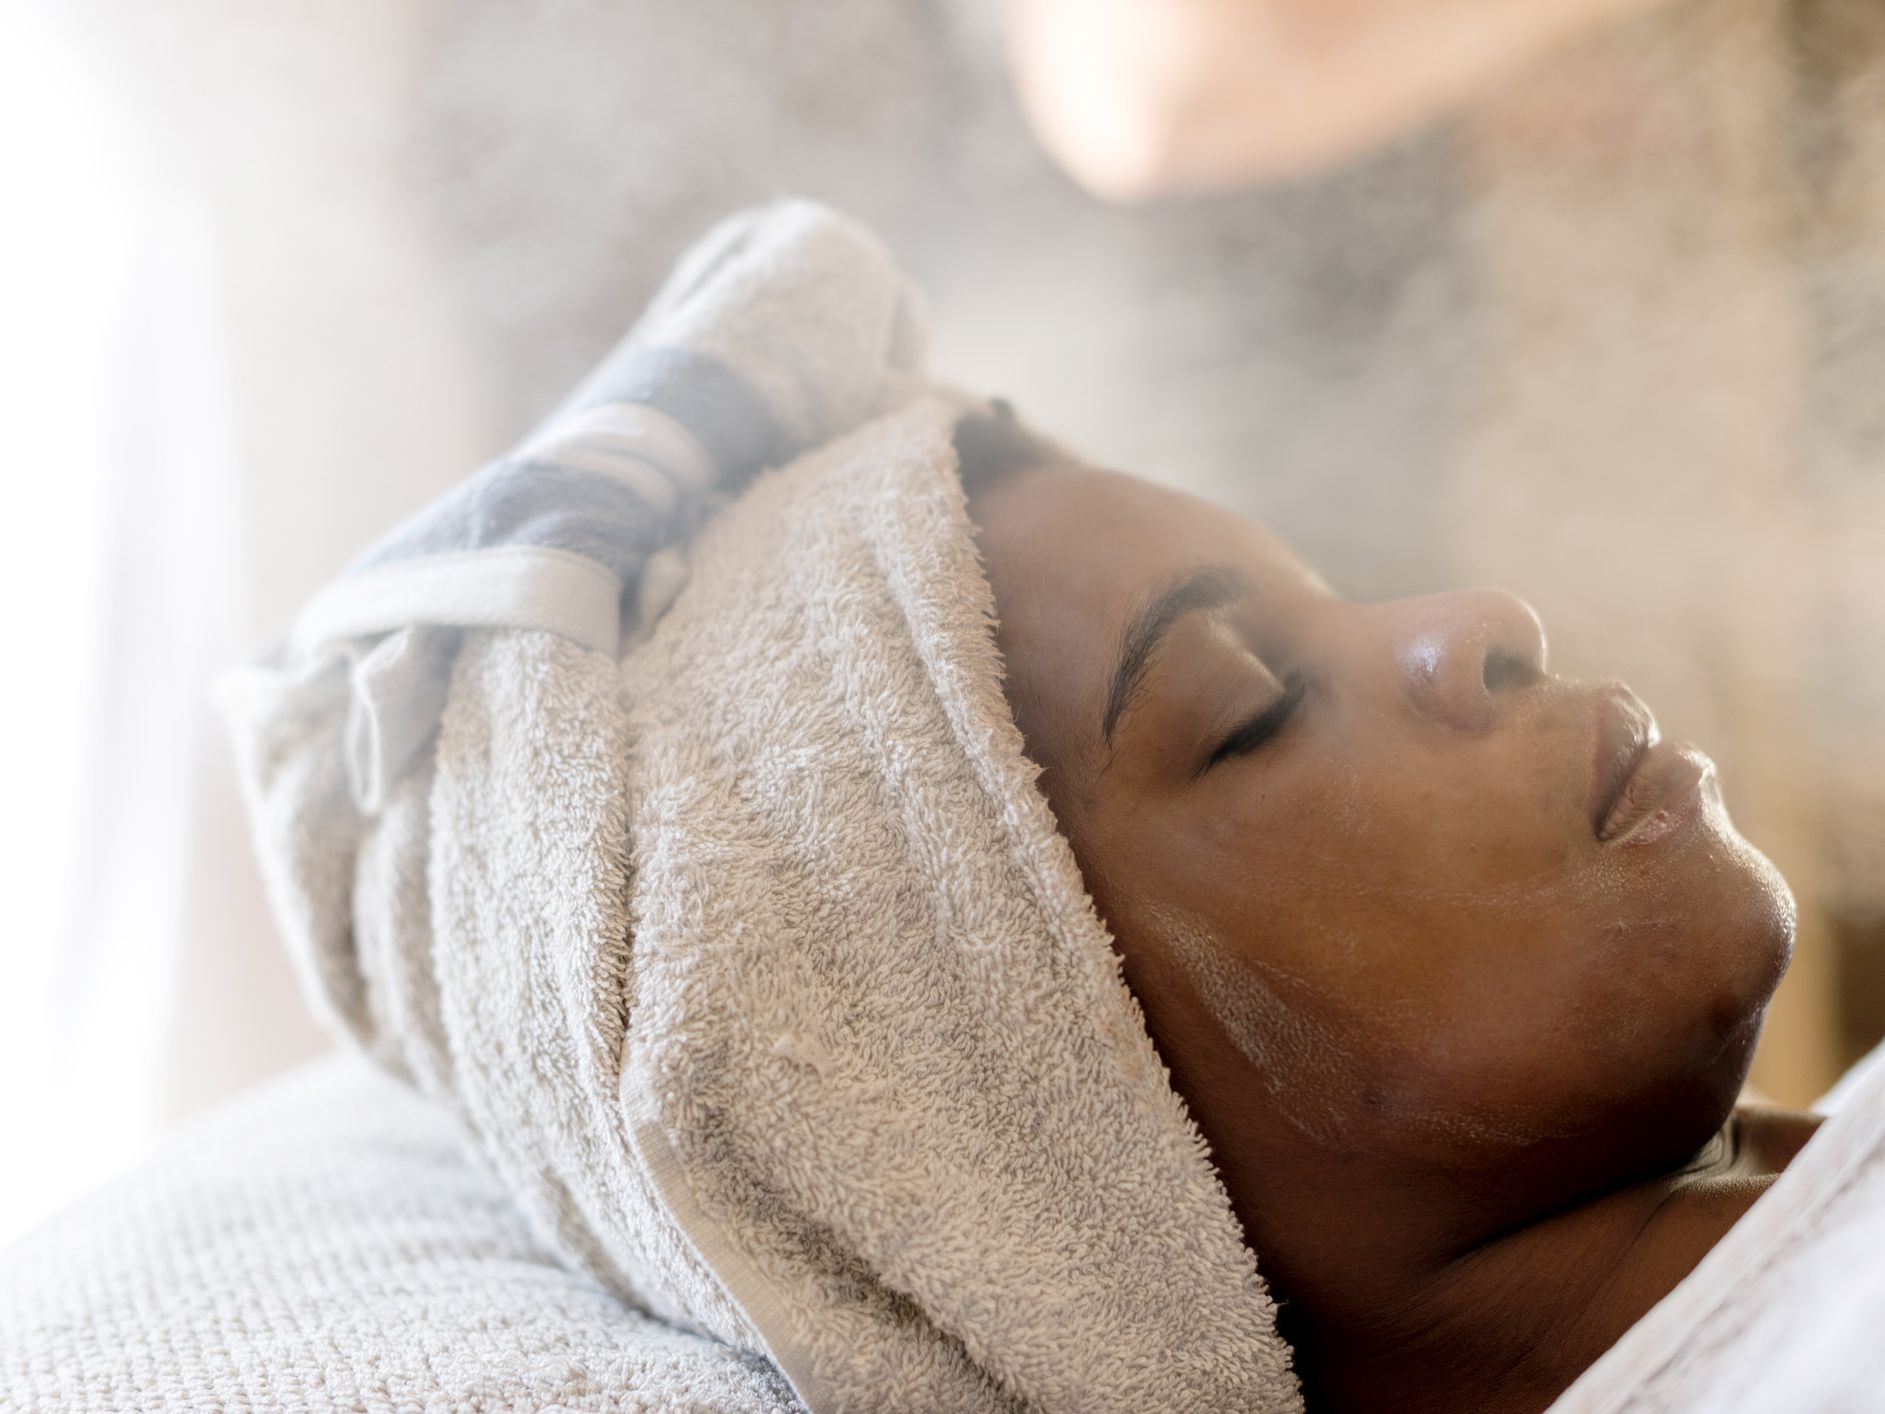 Will A Facial Steam Treatment Clear Acne